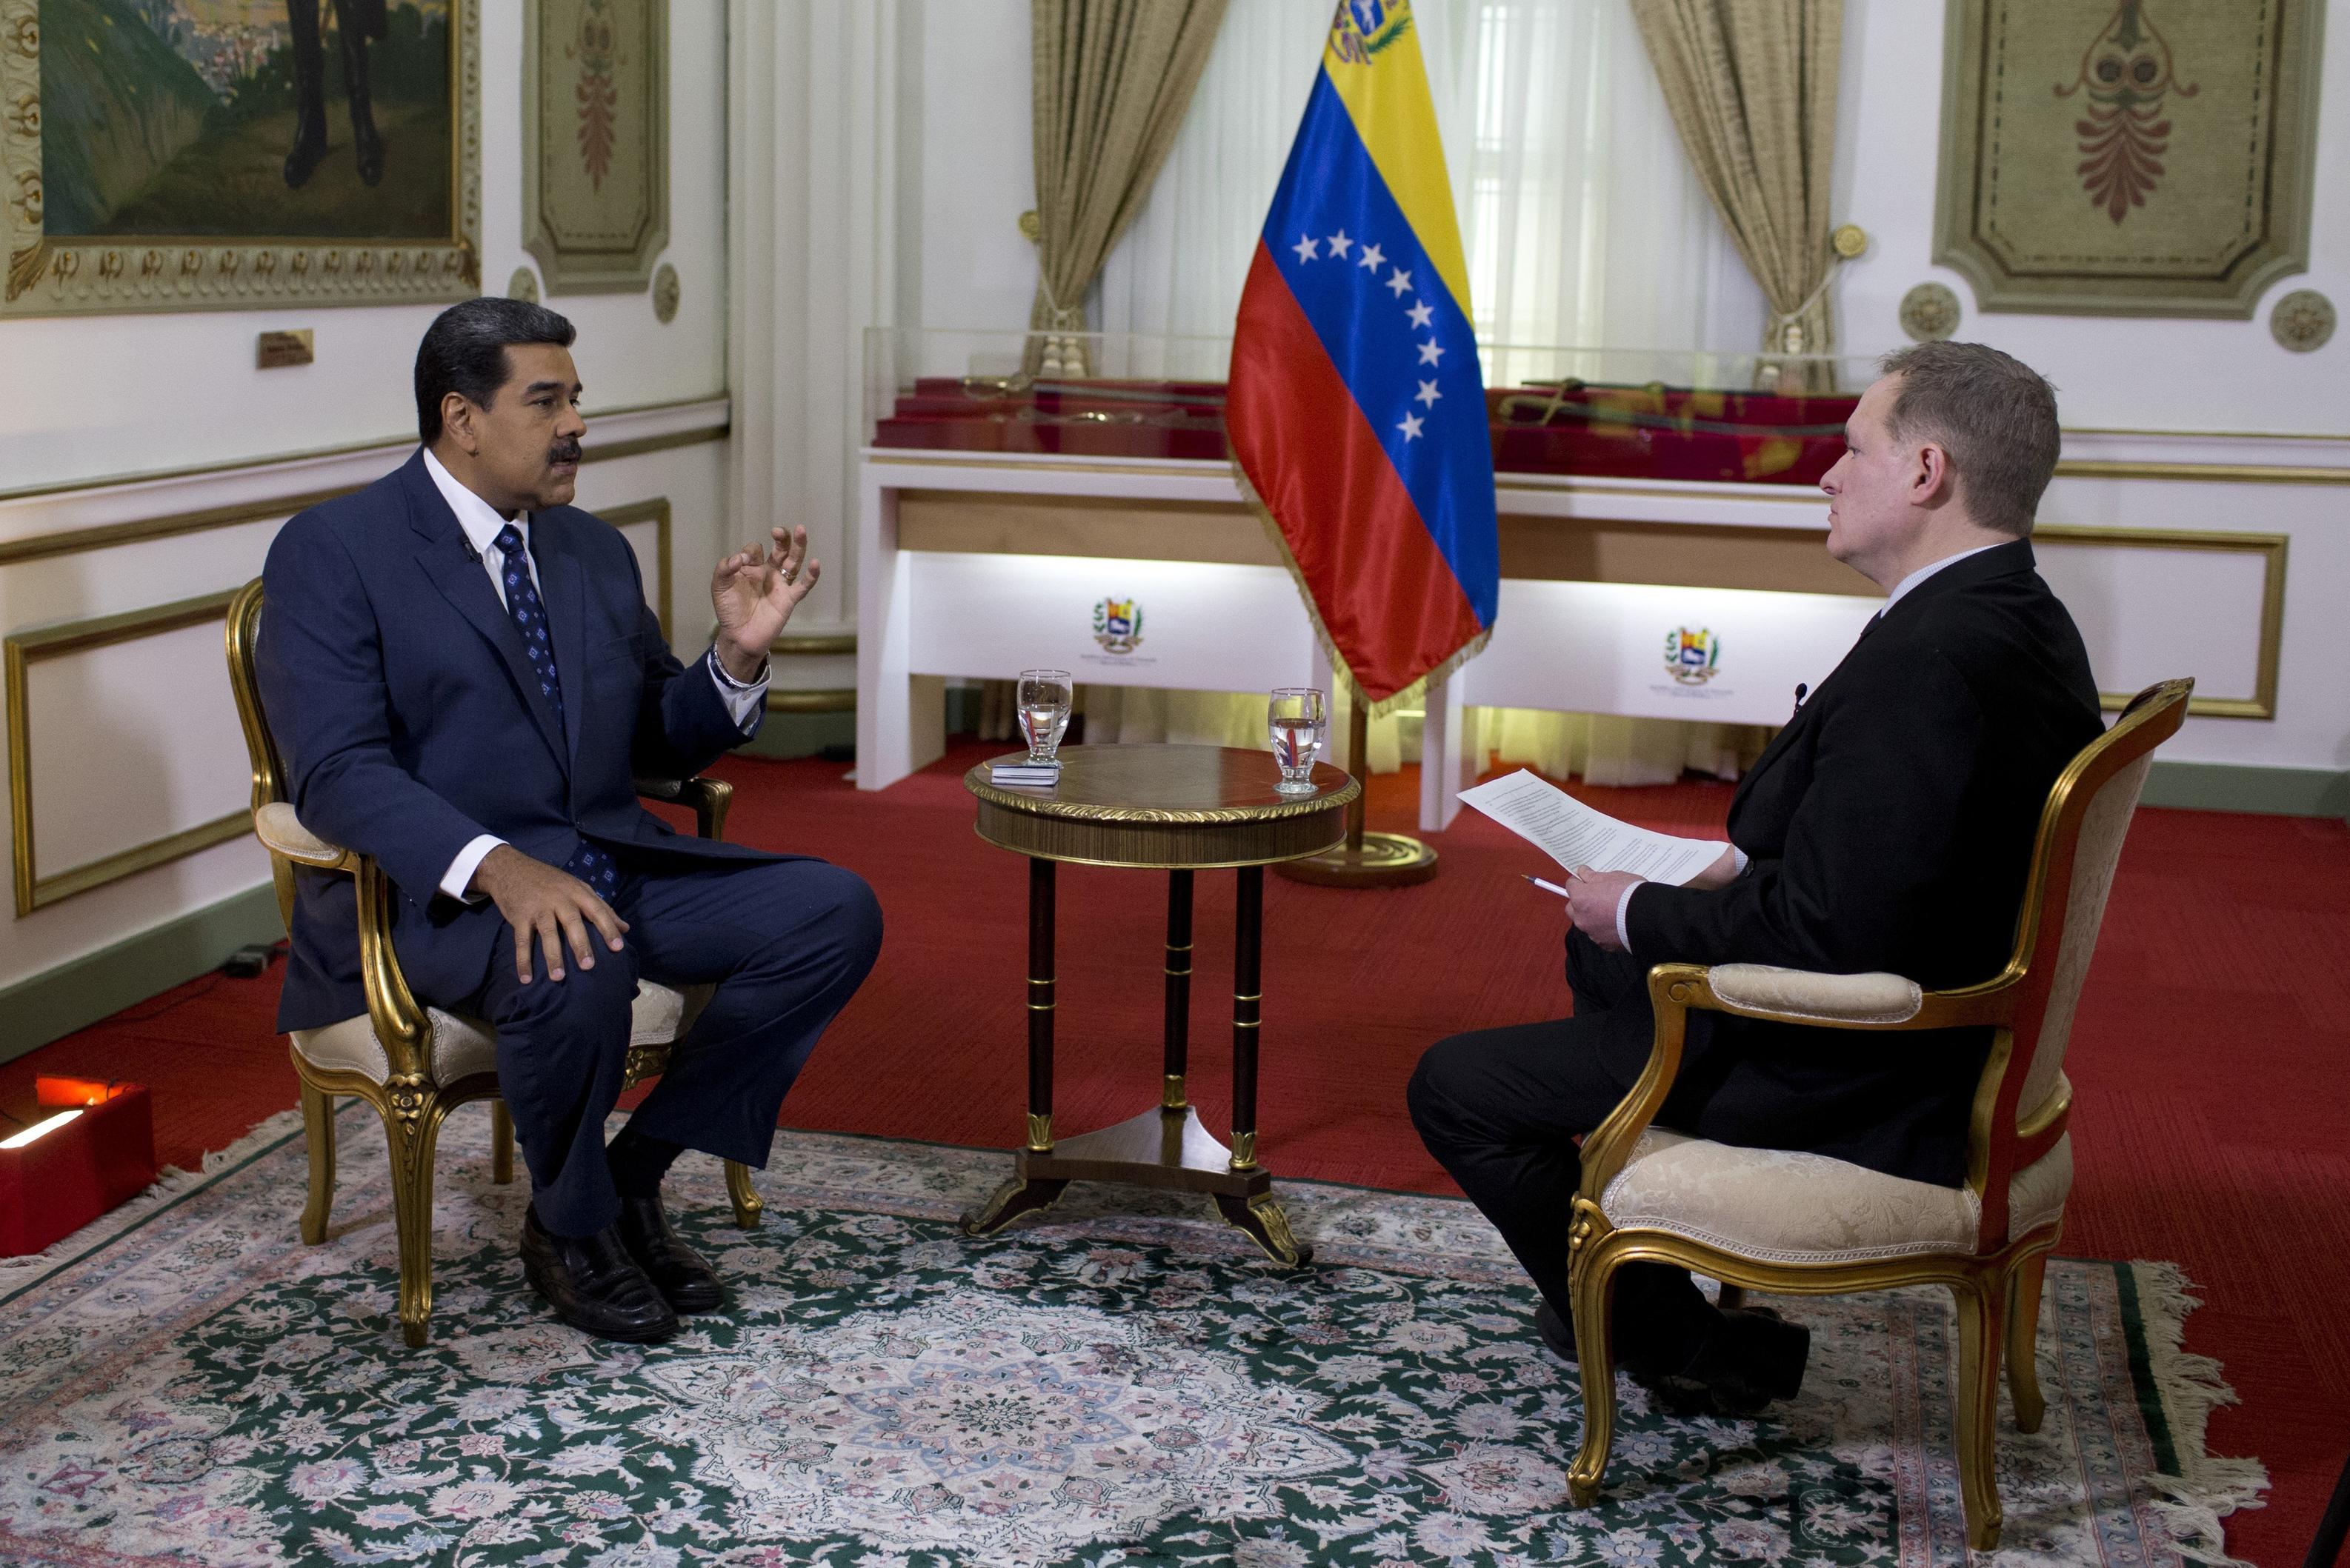 El presidente venezolano Nicolás Maduro, izquierda, habla durante una entrevista con Ian Phillips, vicepresidente de noticias internacionales de The Associated Press, en el Palacio de Miraflores en Caracas, Venezuela, el jueves 14 de febrero de 2019. (AP Foto/Ariana Cubillos)